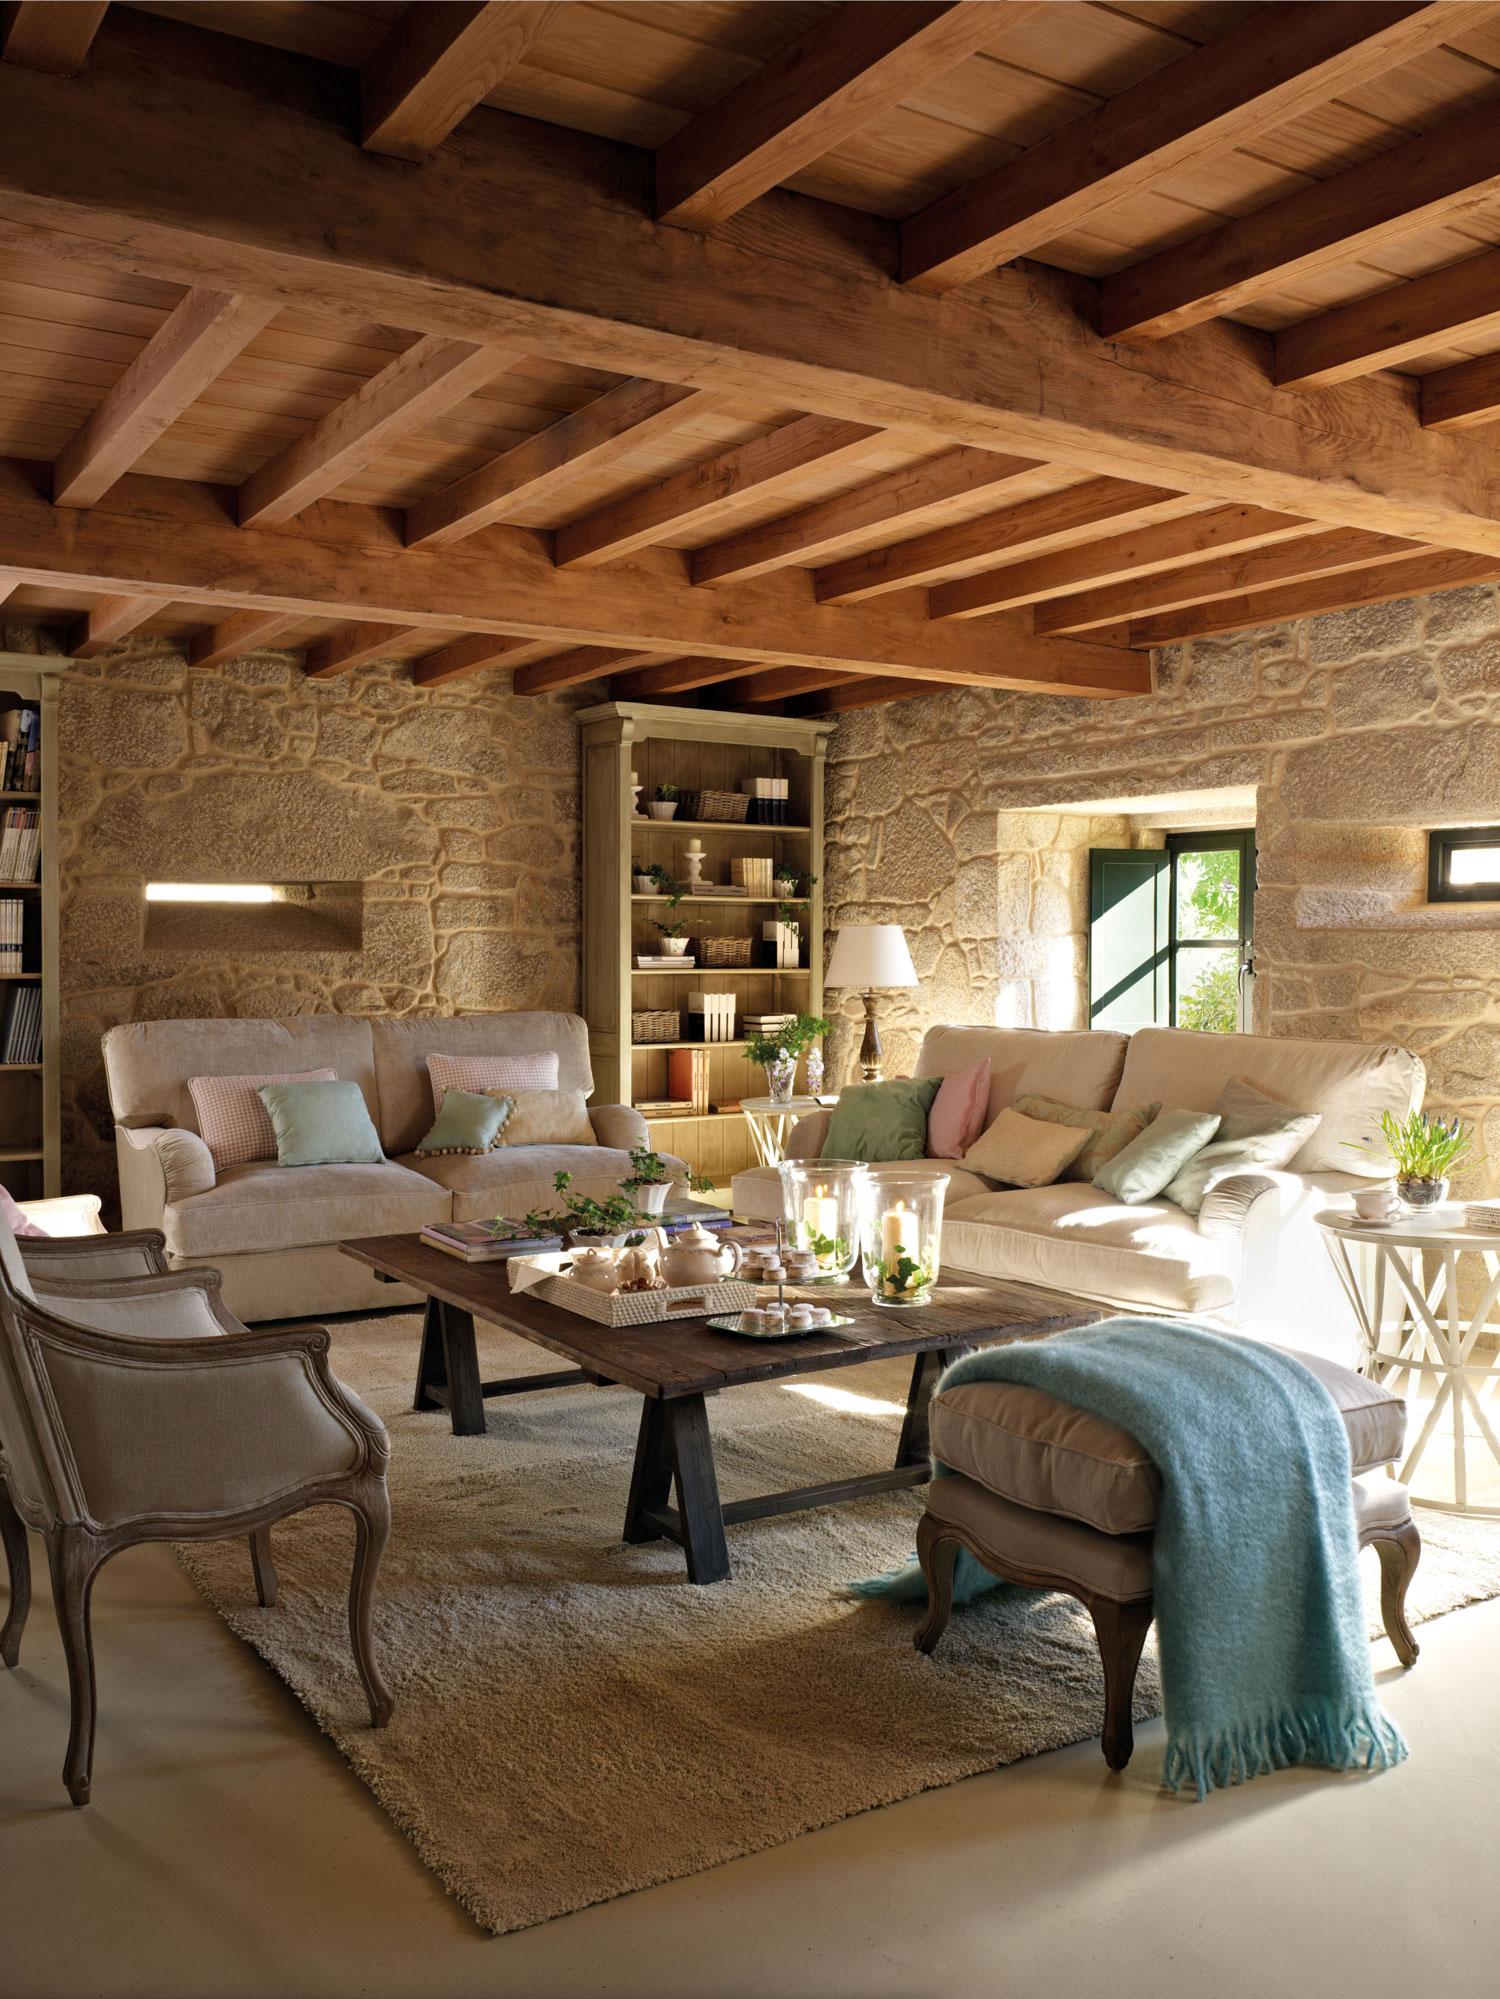 00315219. Salón con paredes de piedra y vigas de madera con sofás, butacas, puf y librerías_00315219